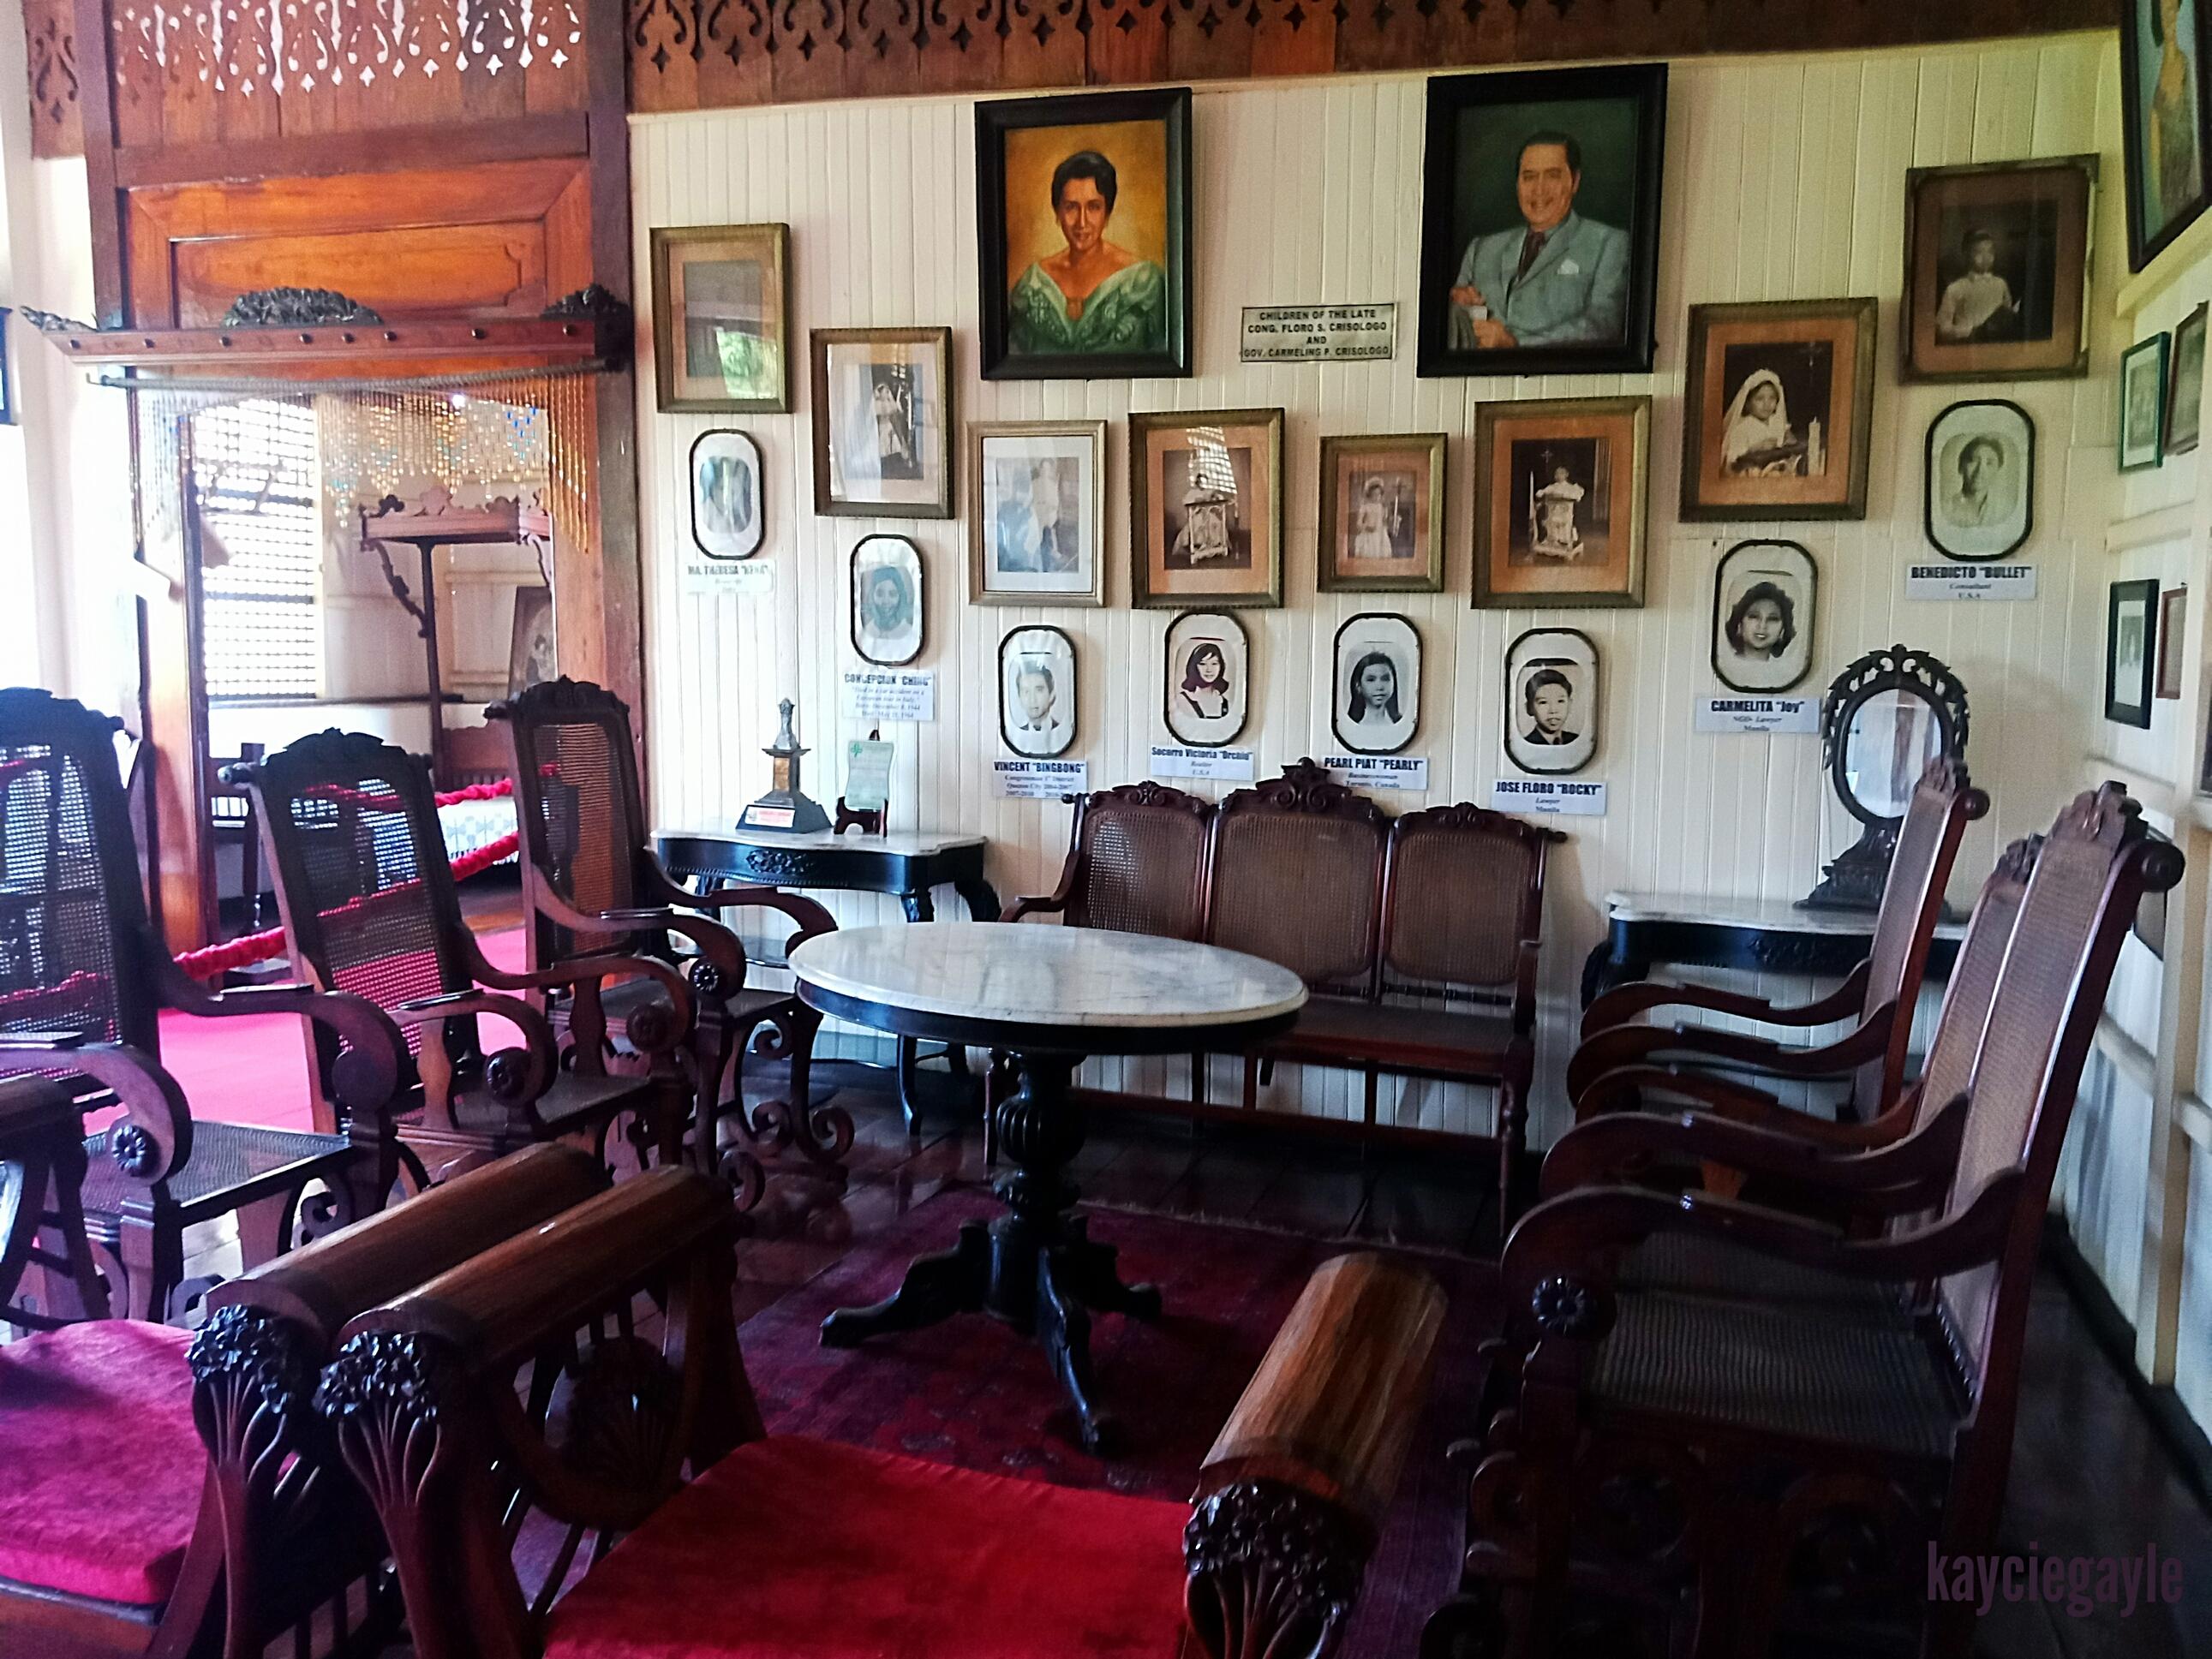 Crisologo Museum Vigan Ilocos Sur Philippines Living Room